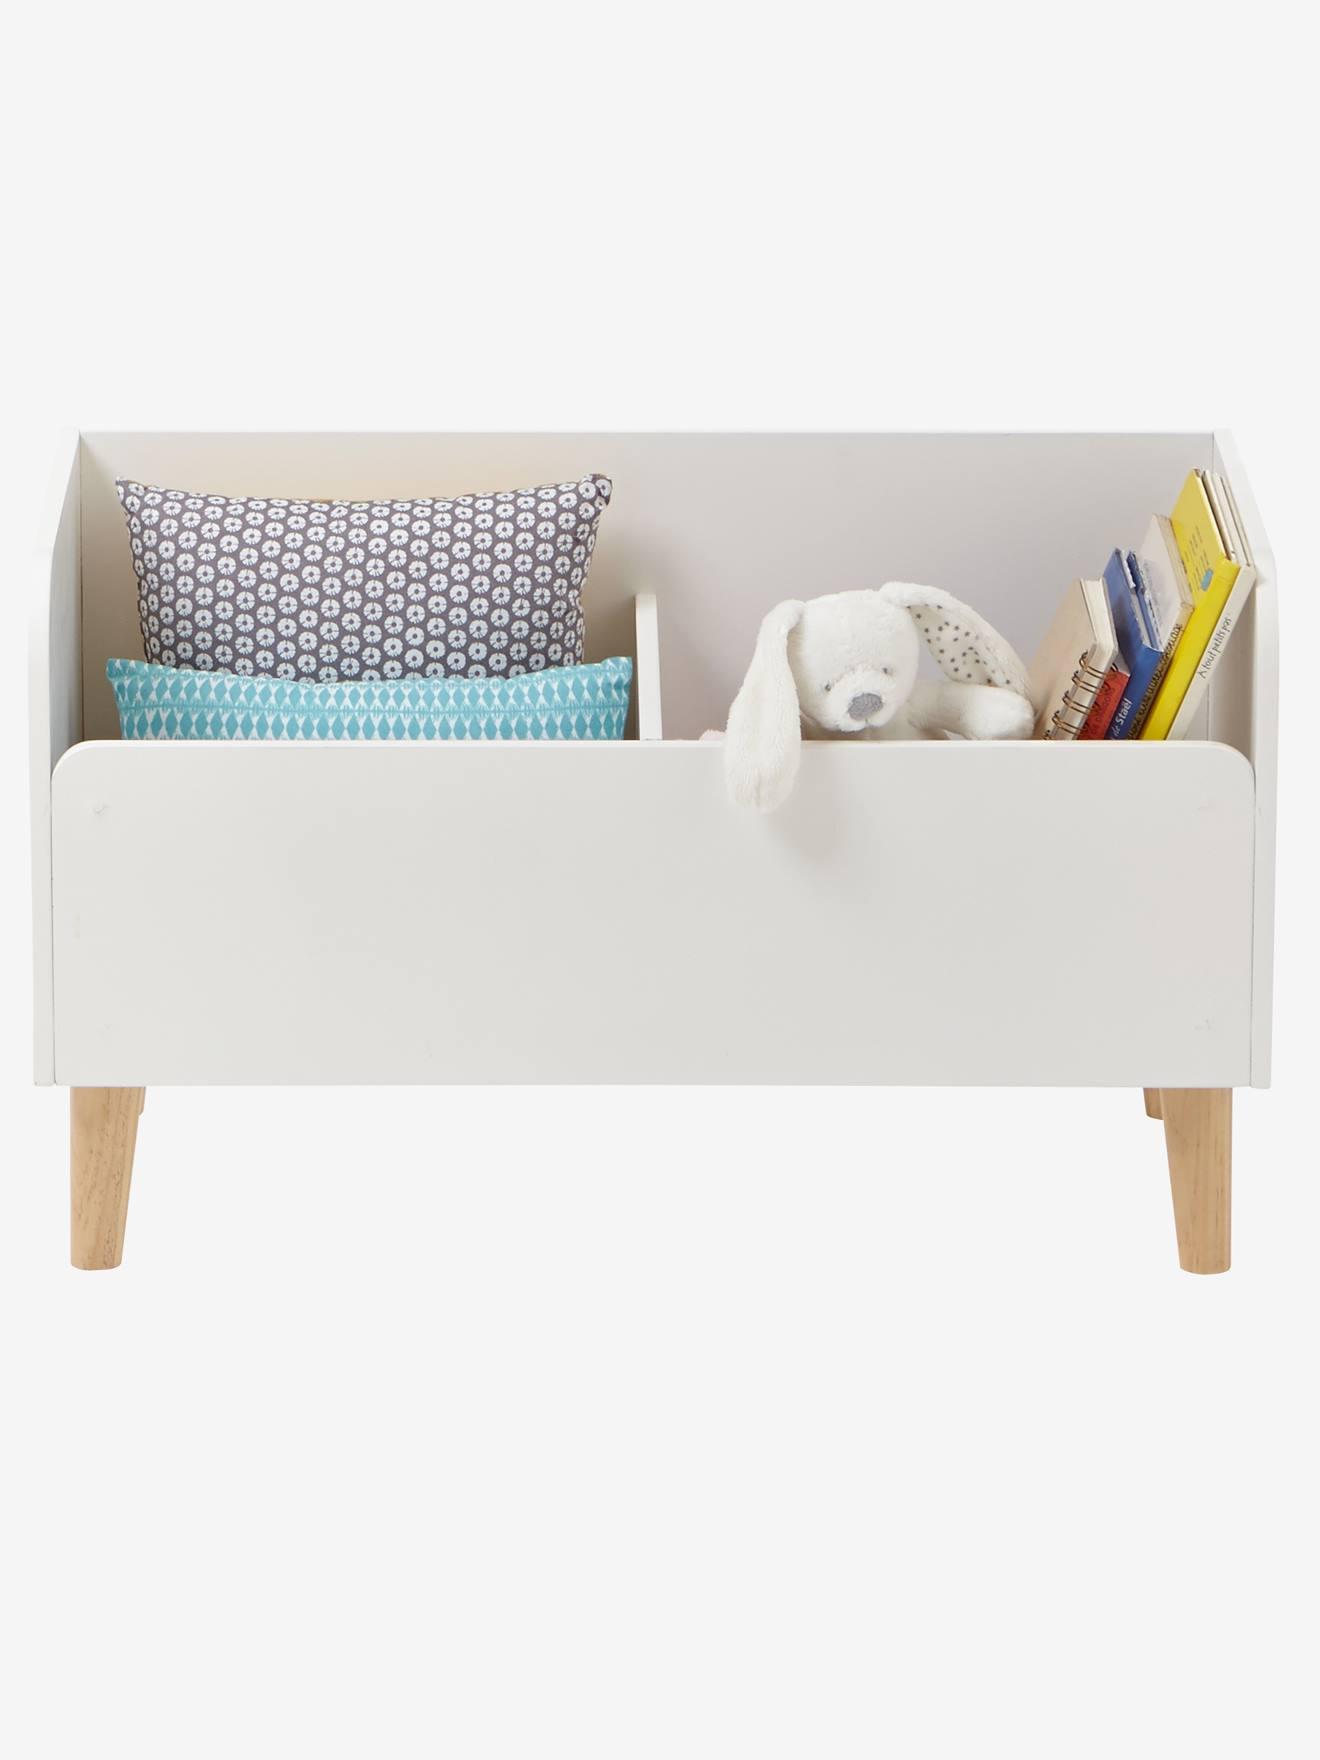 maison du monde coffre de rangement elegant banc with maison du monde coffre de rangement. Black Bedroom Furniture Sets. Home Design Ideas